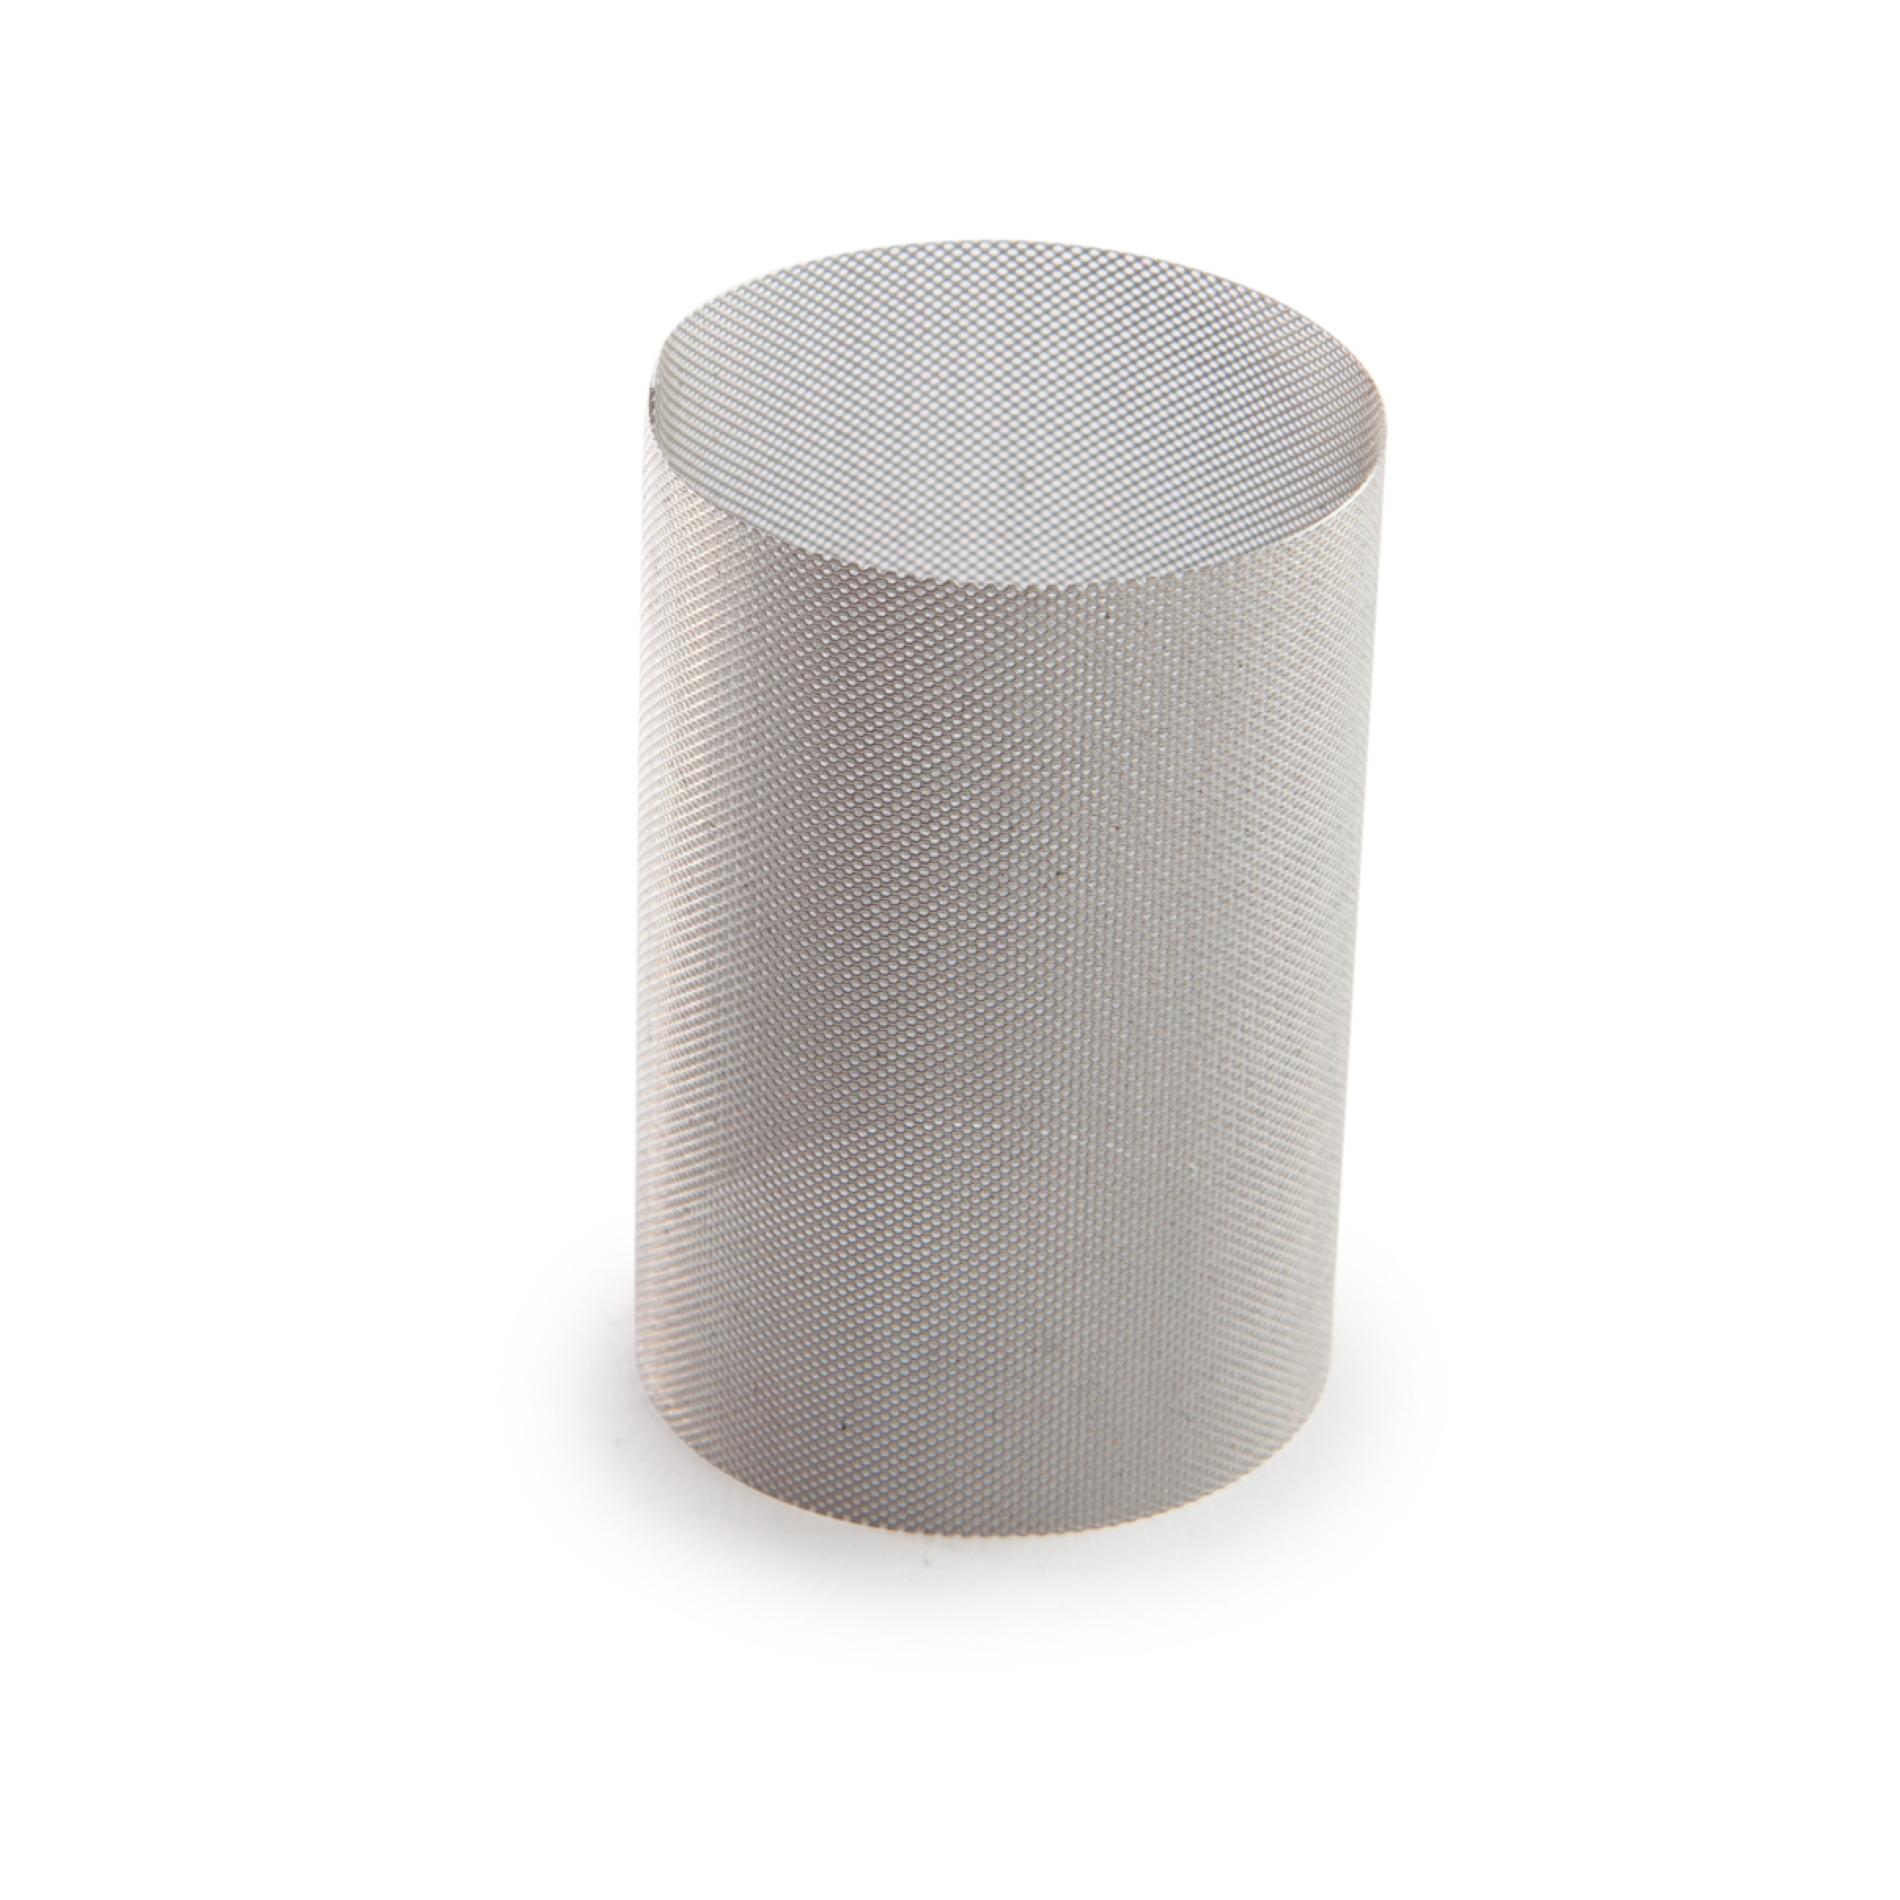 43R Cartuccia di ricambio, in acciaio INOX AISI 304L per raccoglitori di impurità per articolo Stainless steel filter for strainersfor item 413 spare parts accessori ricambi